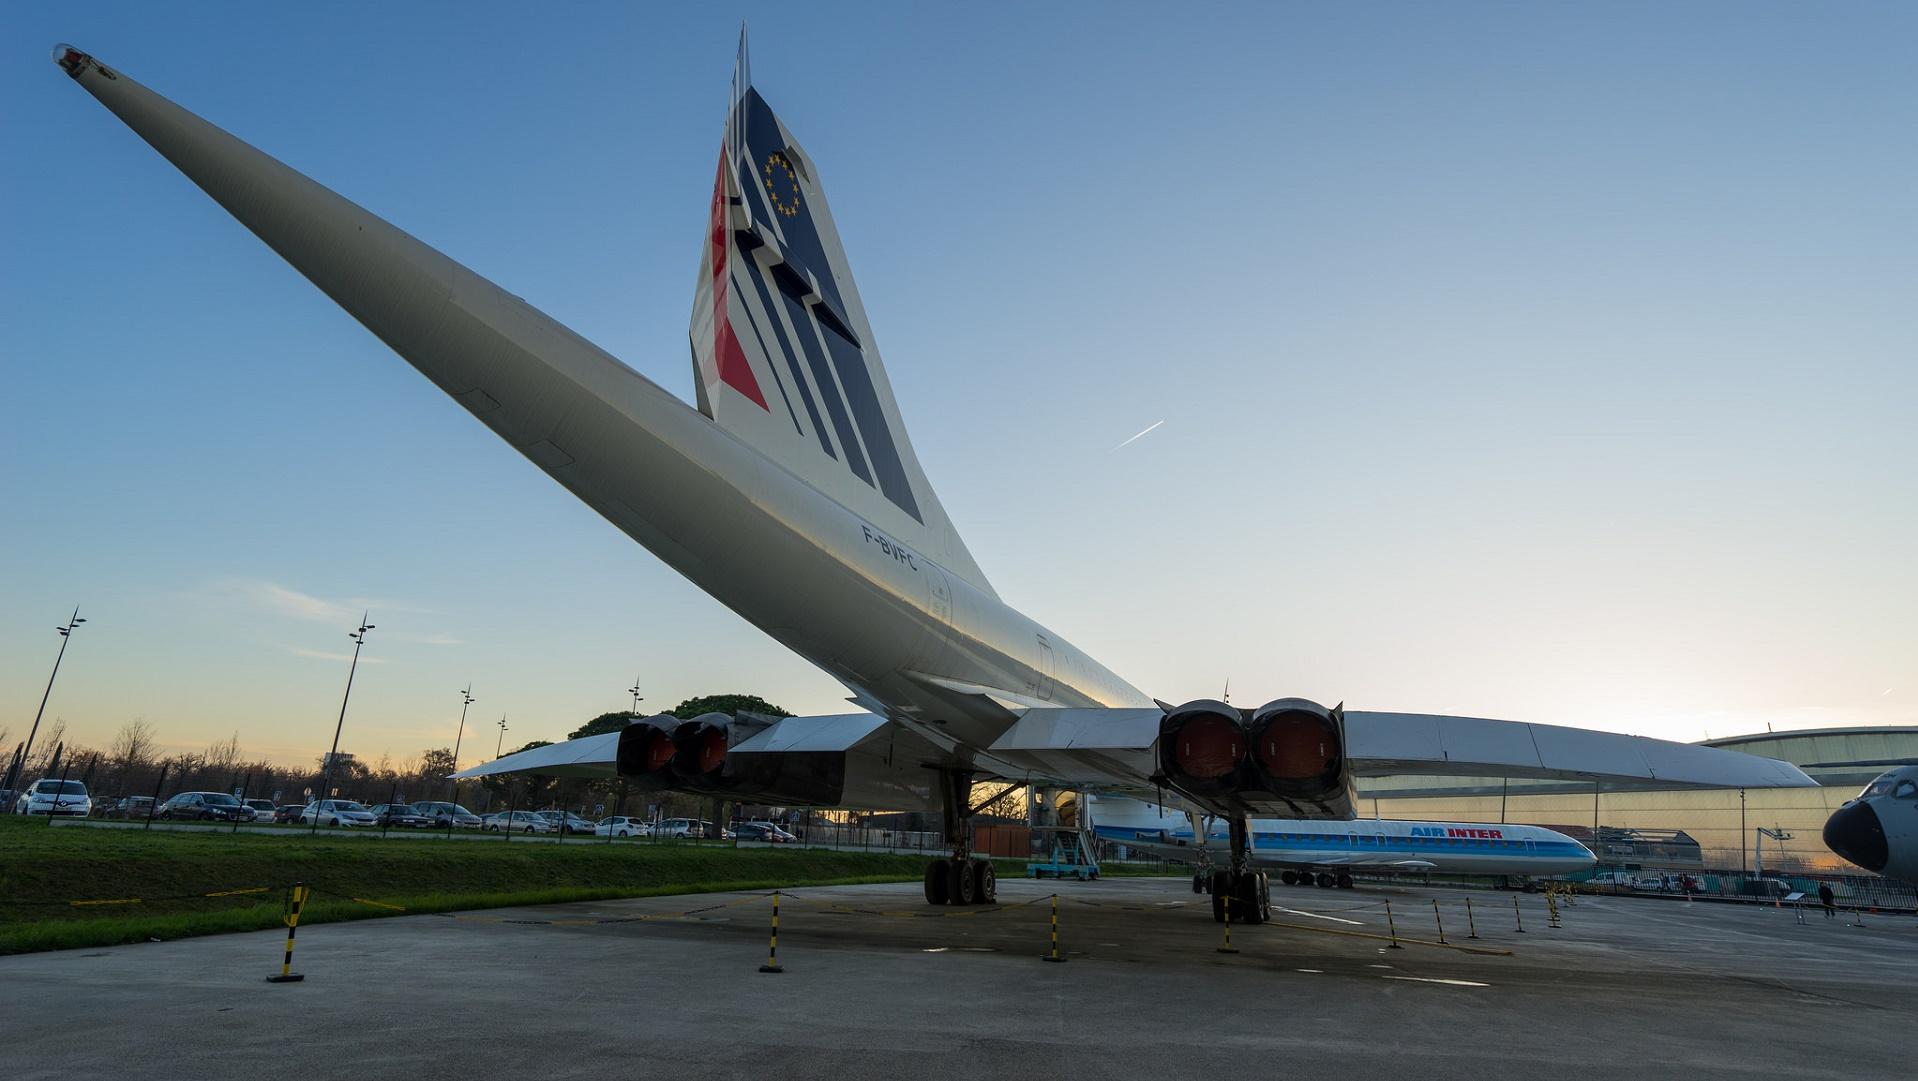 Boom Technologies o el reto de un nuevo avión supersónico